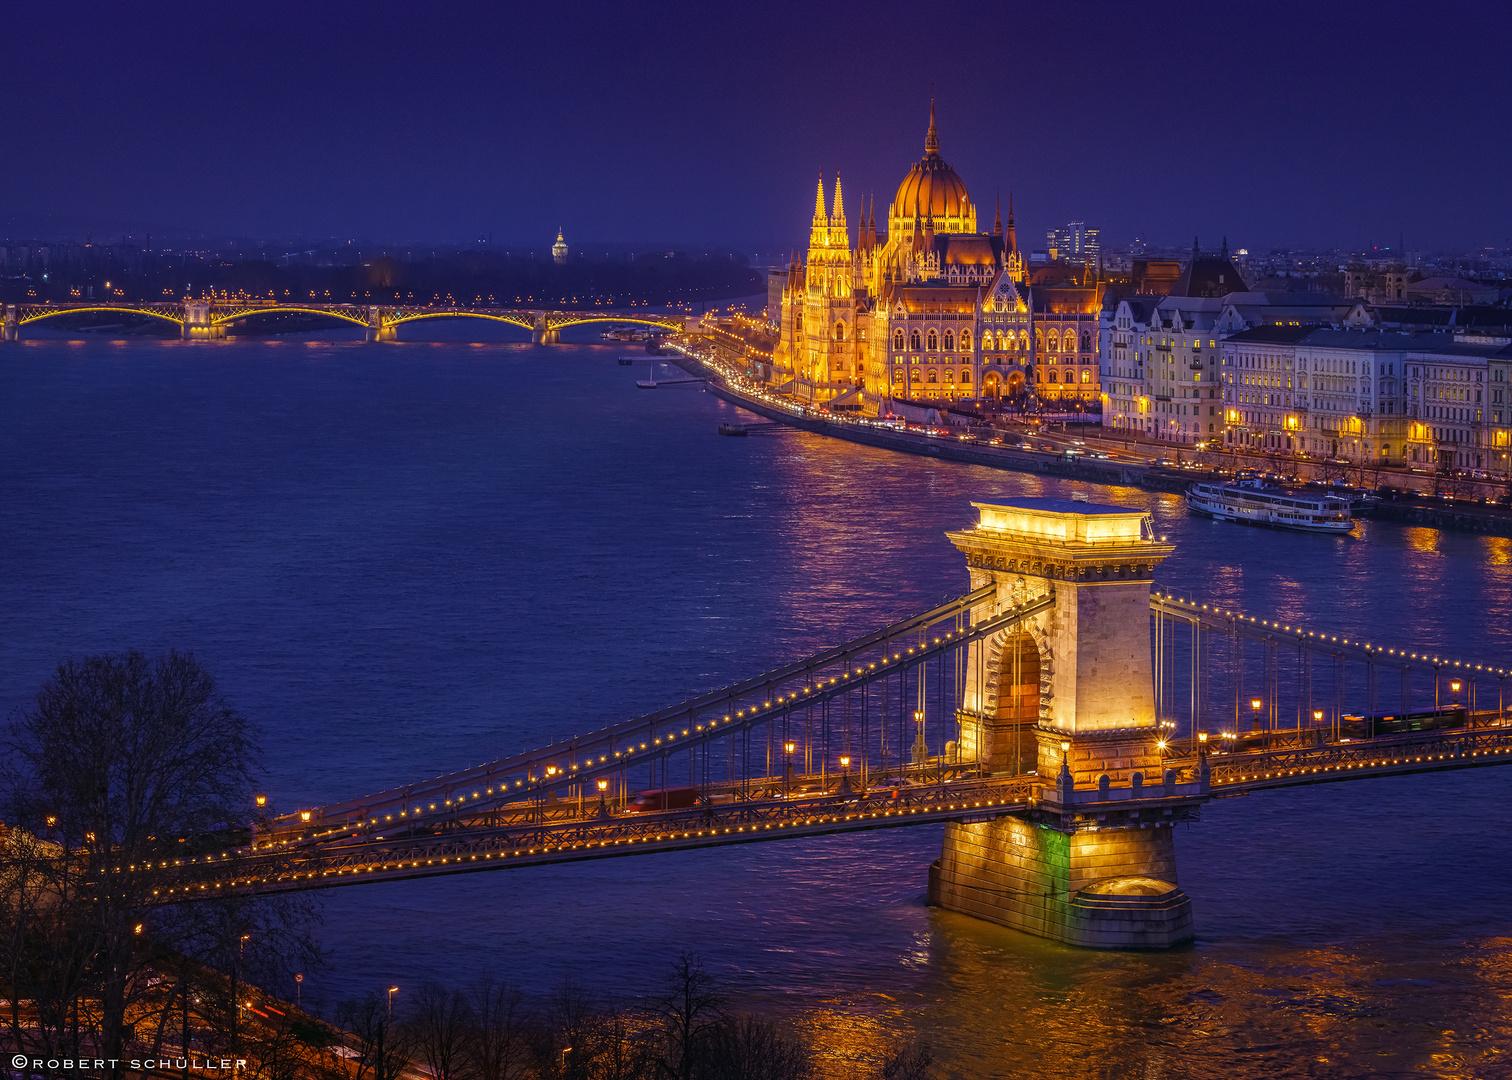 Schöner Blick über Kettenbrücke und Parlament in Budapest